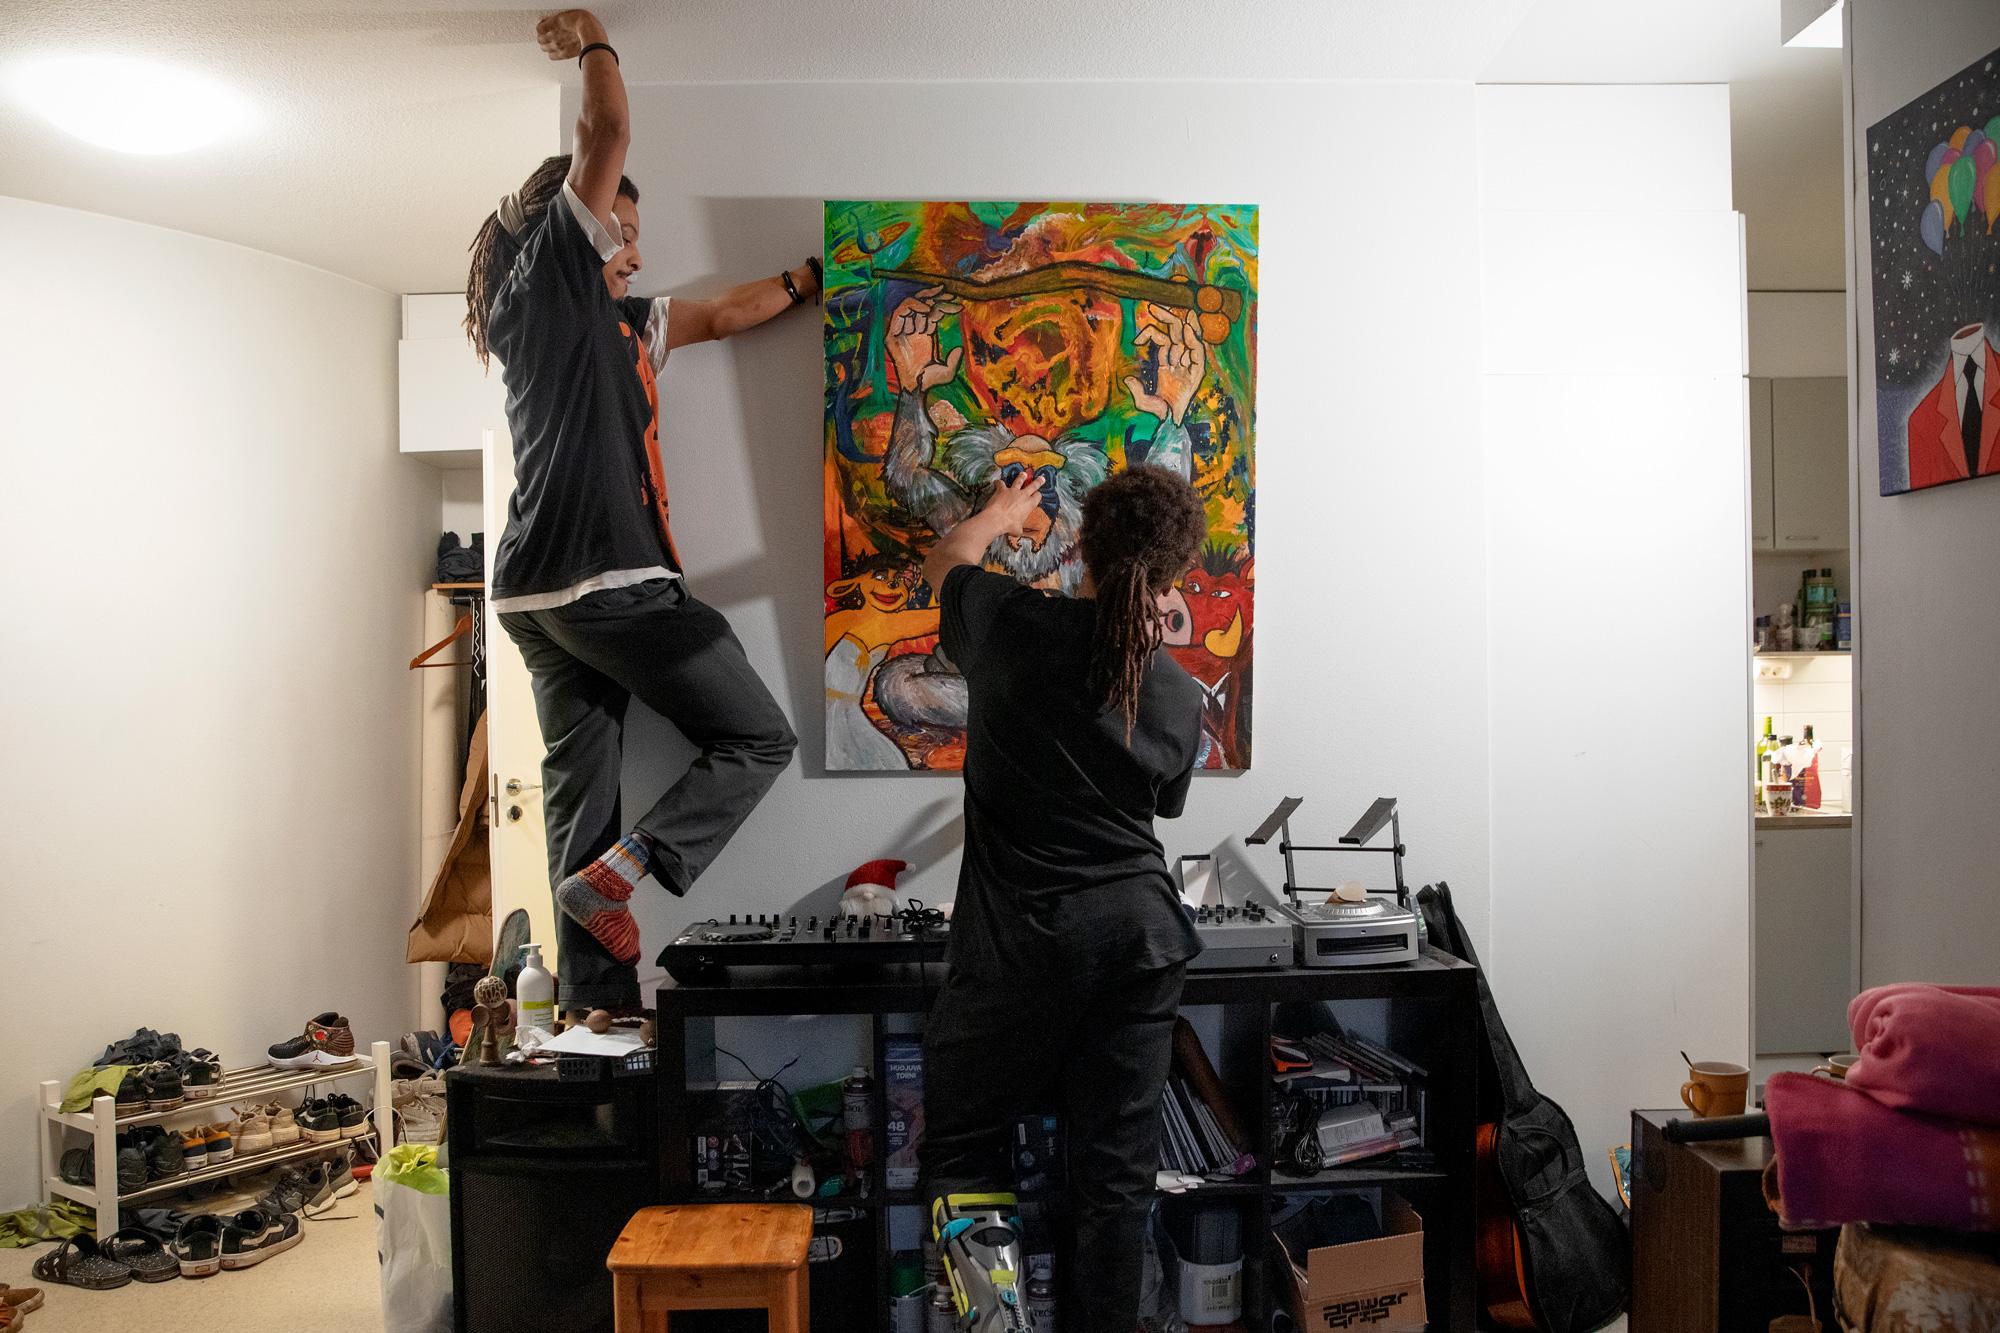 Kaksi miestä laittaa taulua seinälle.